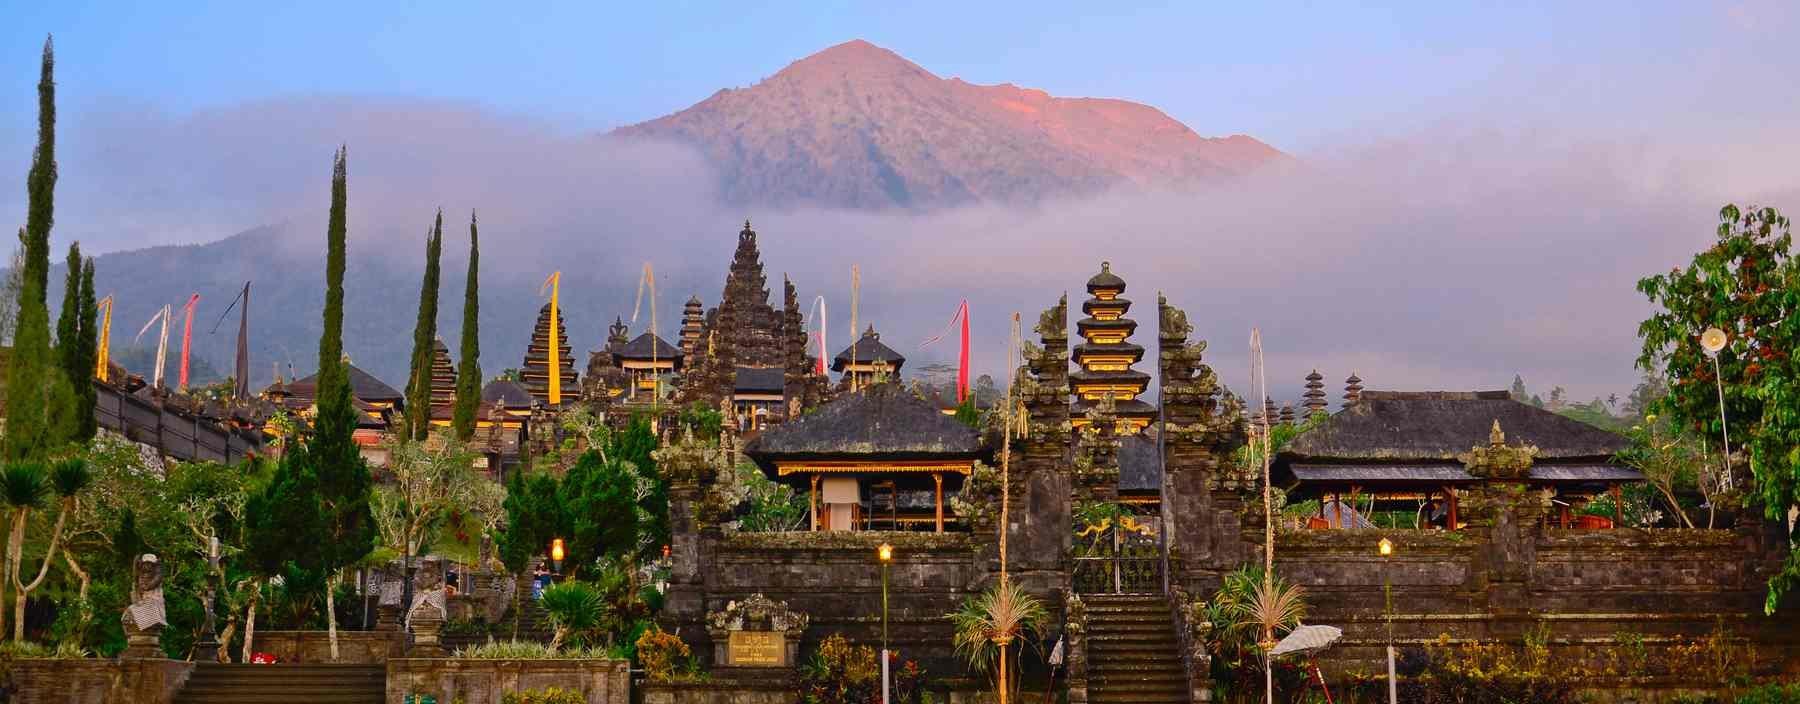 Pura Besakih tempel, Bali